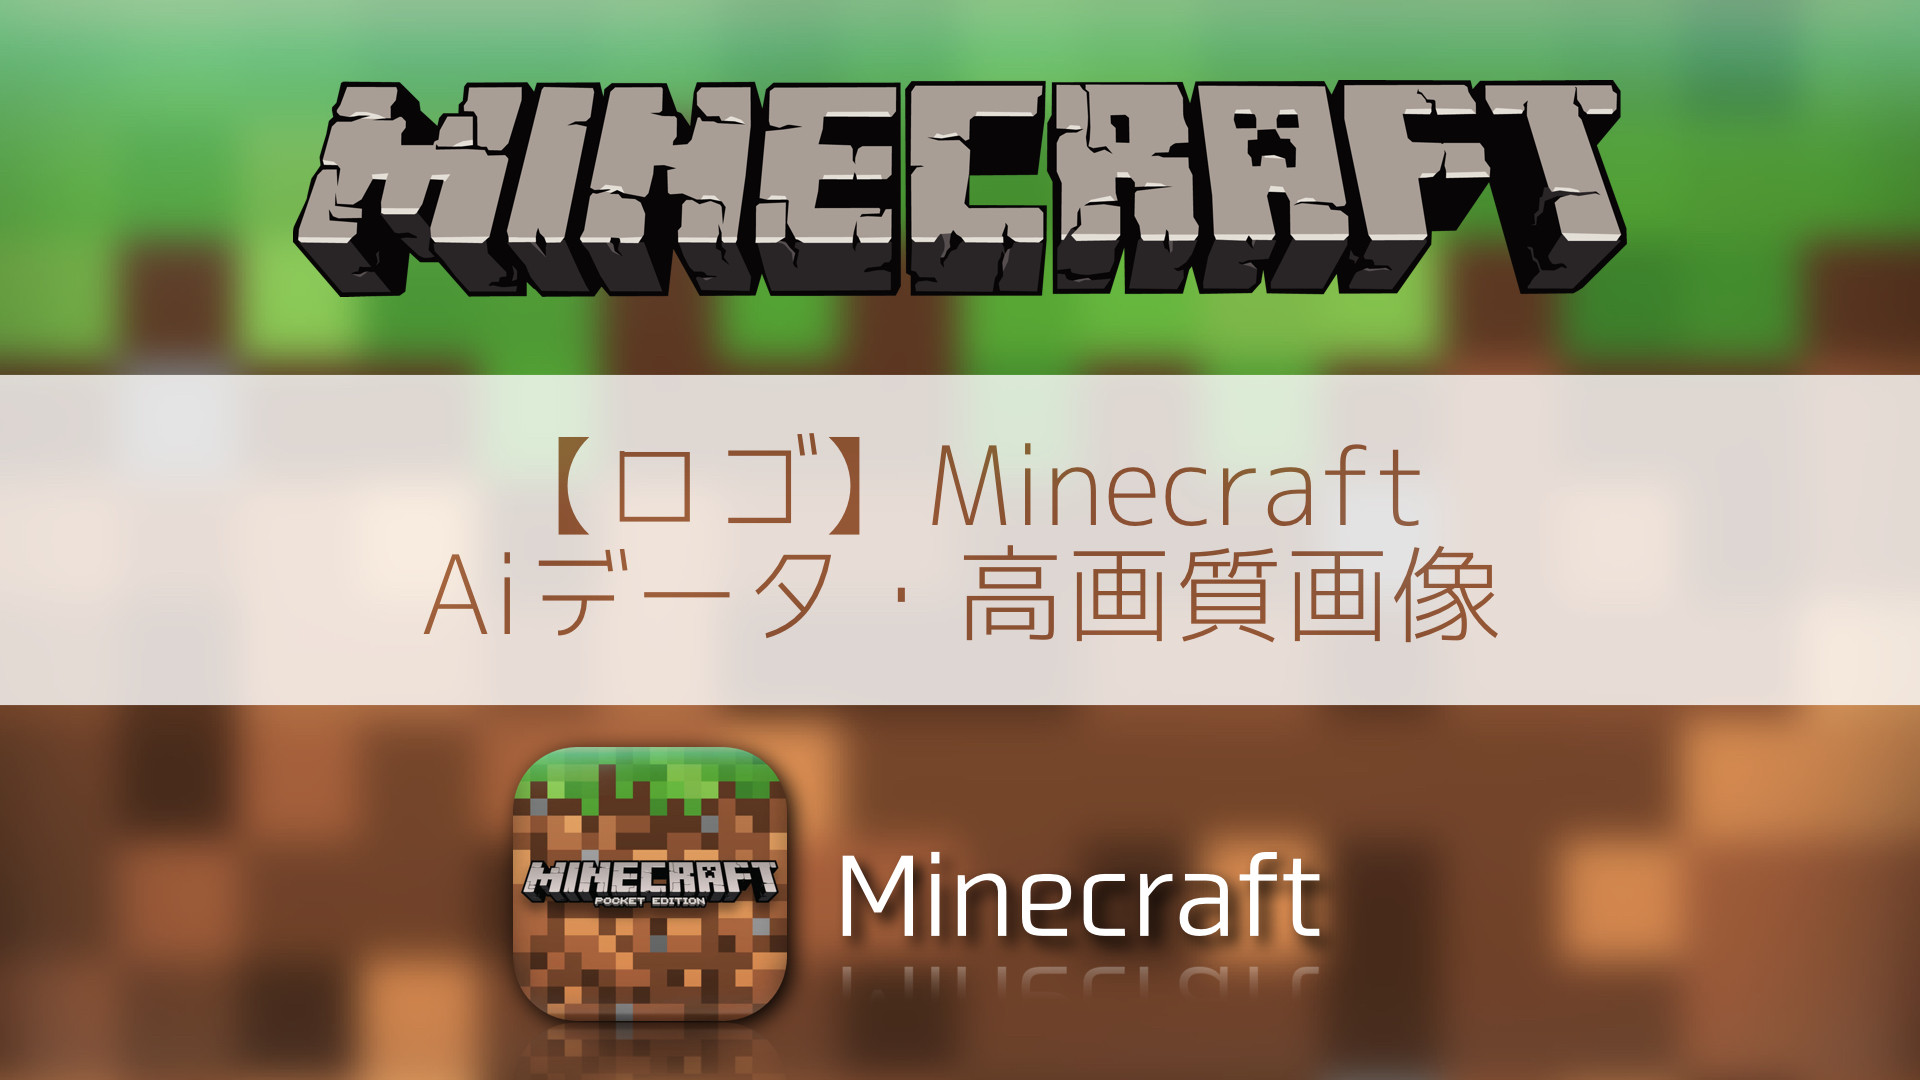 ロゴ Minecraft Aiデータ 高画質画像 Mac Iosの小技